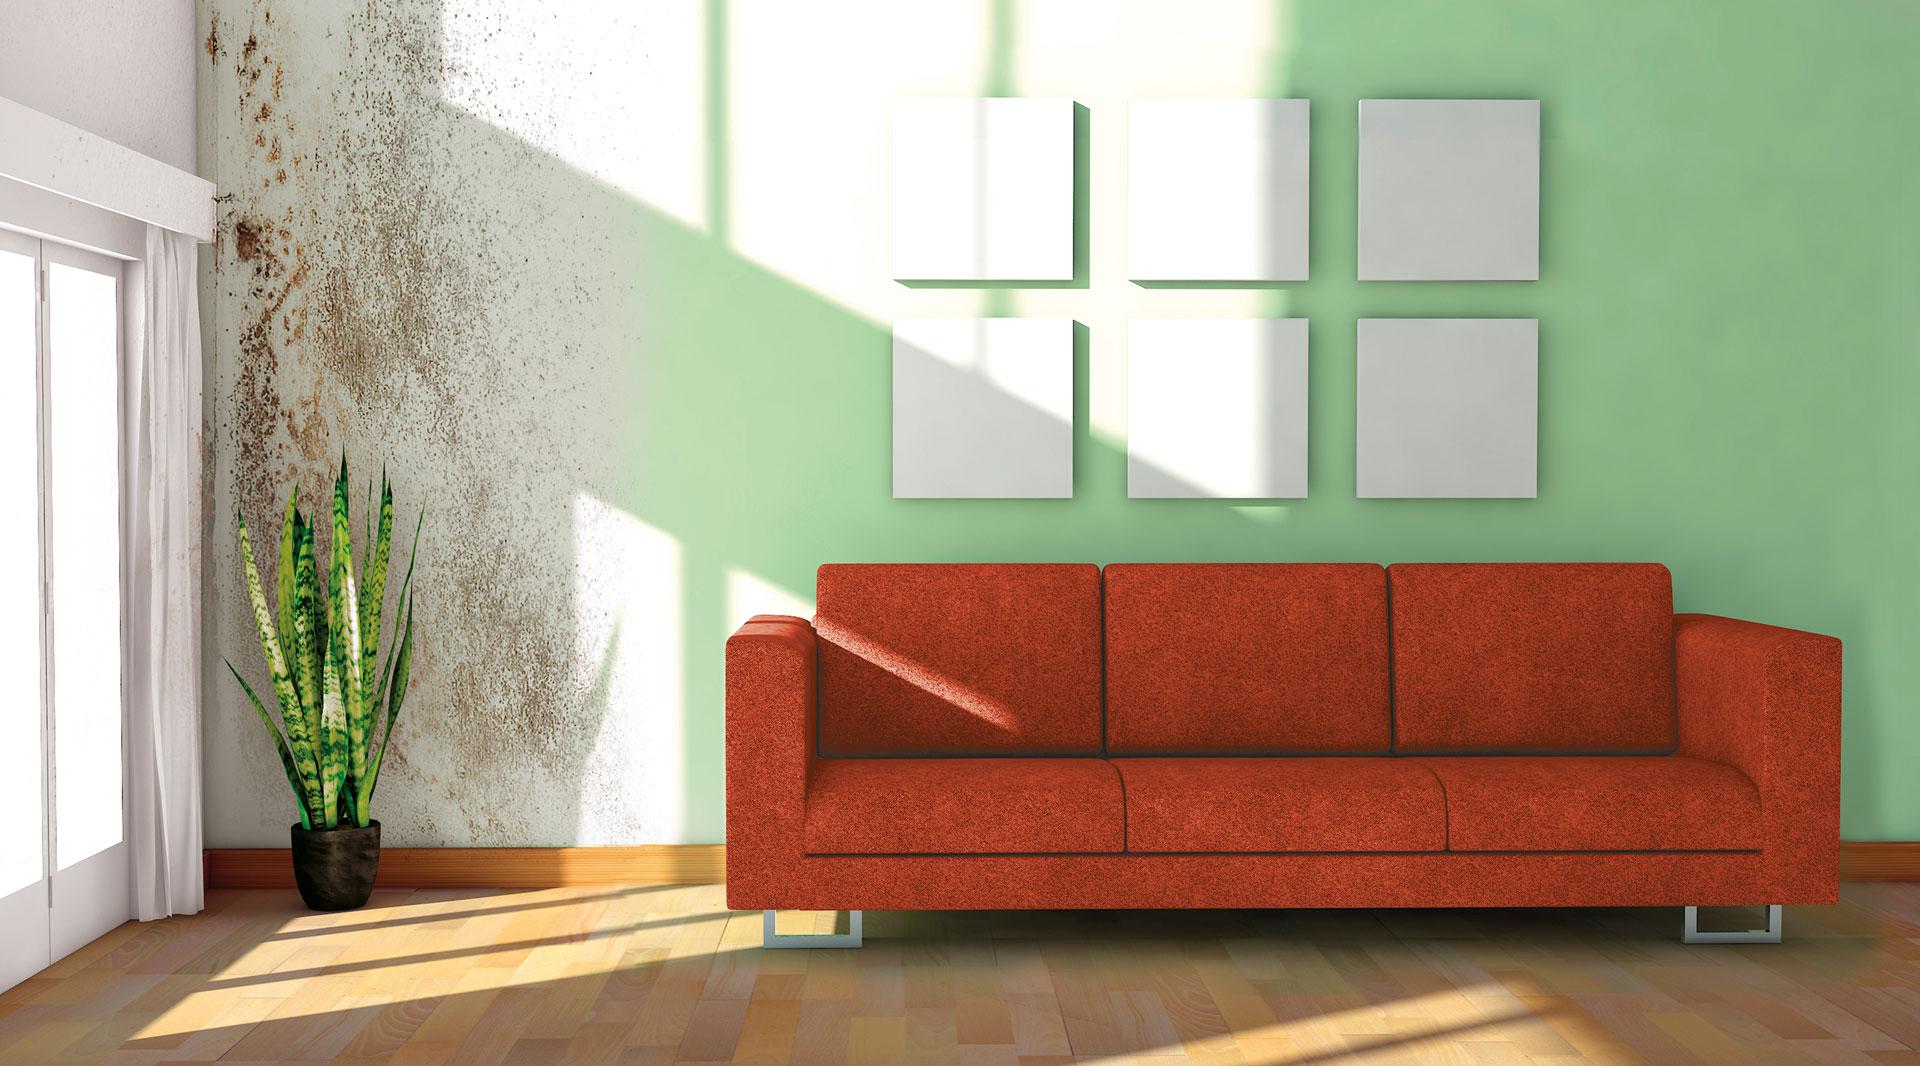 Wohnzimmer Schimmelbildung